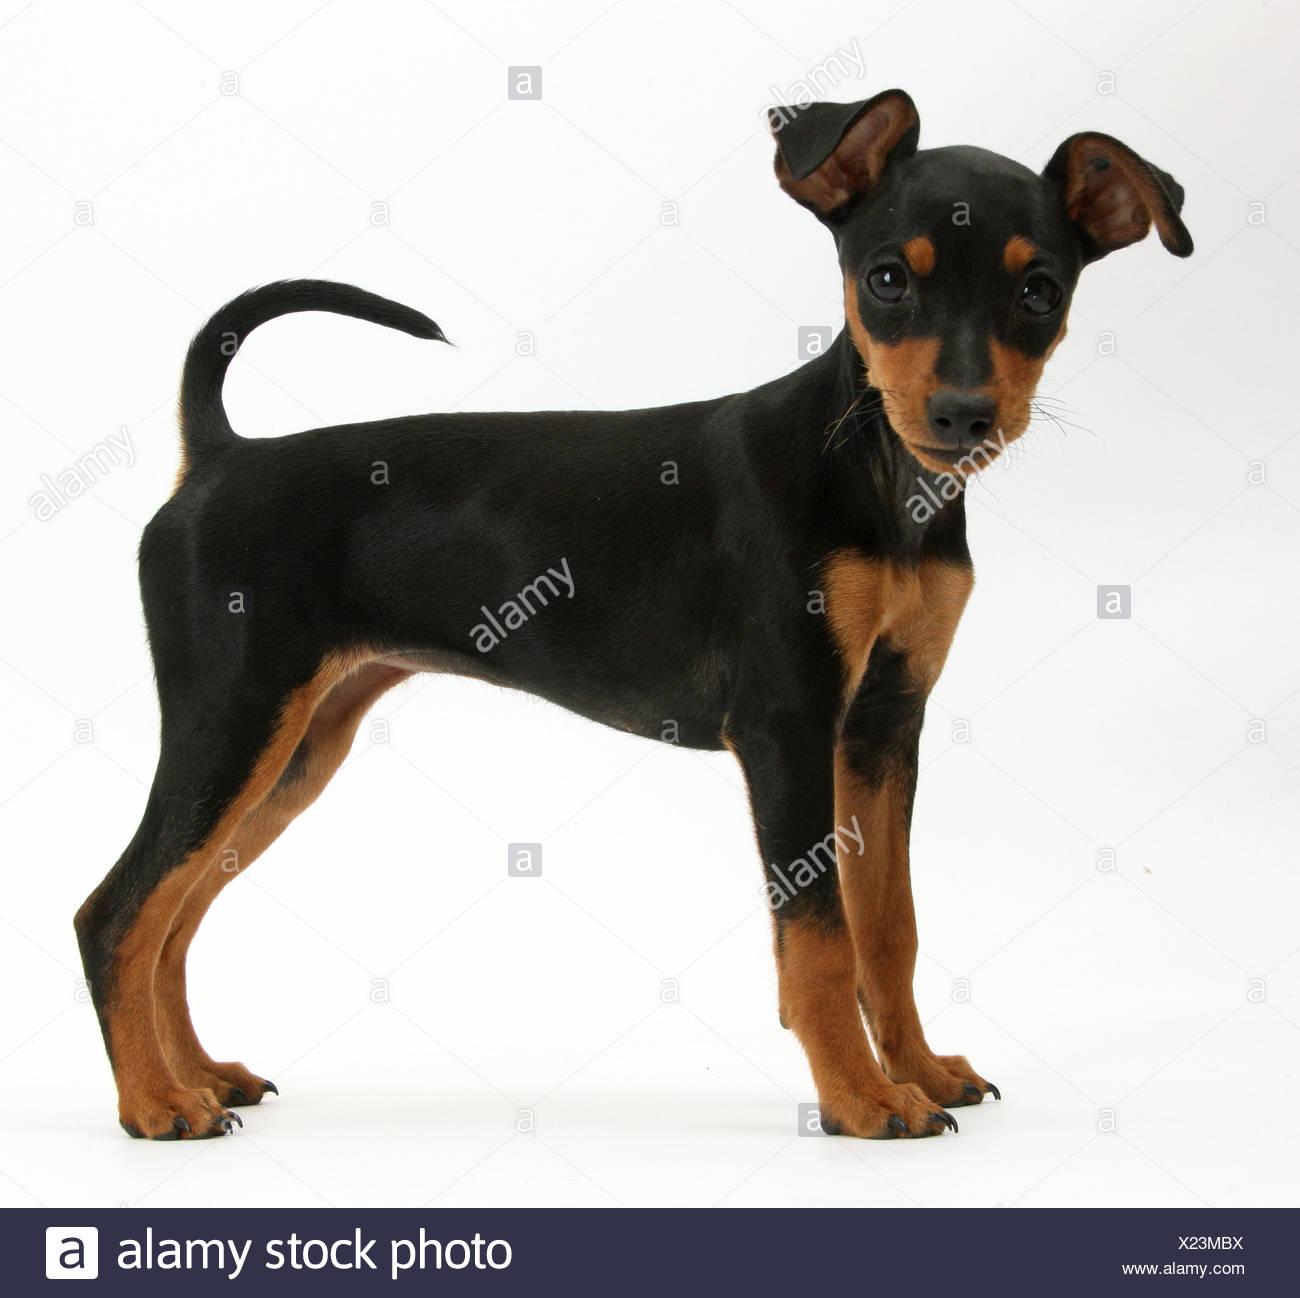 Miniature Pinscher puppy, standing. - Stock Image